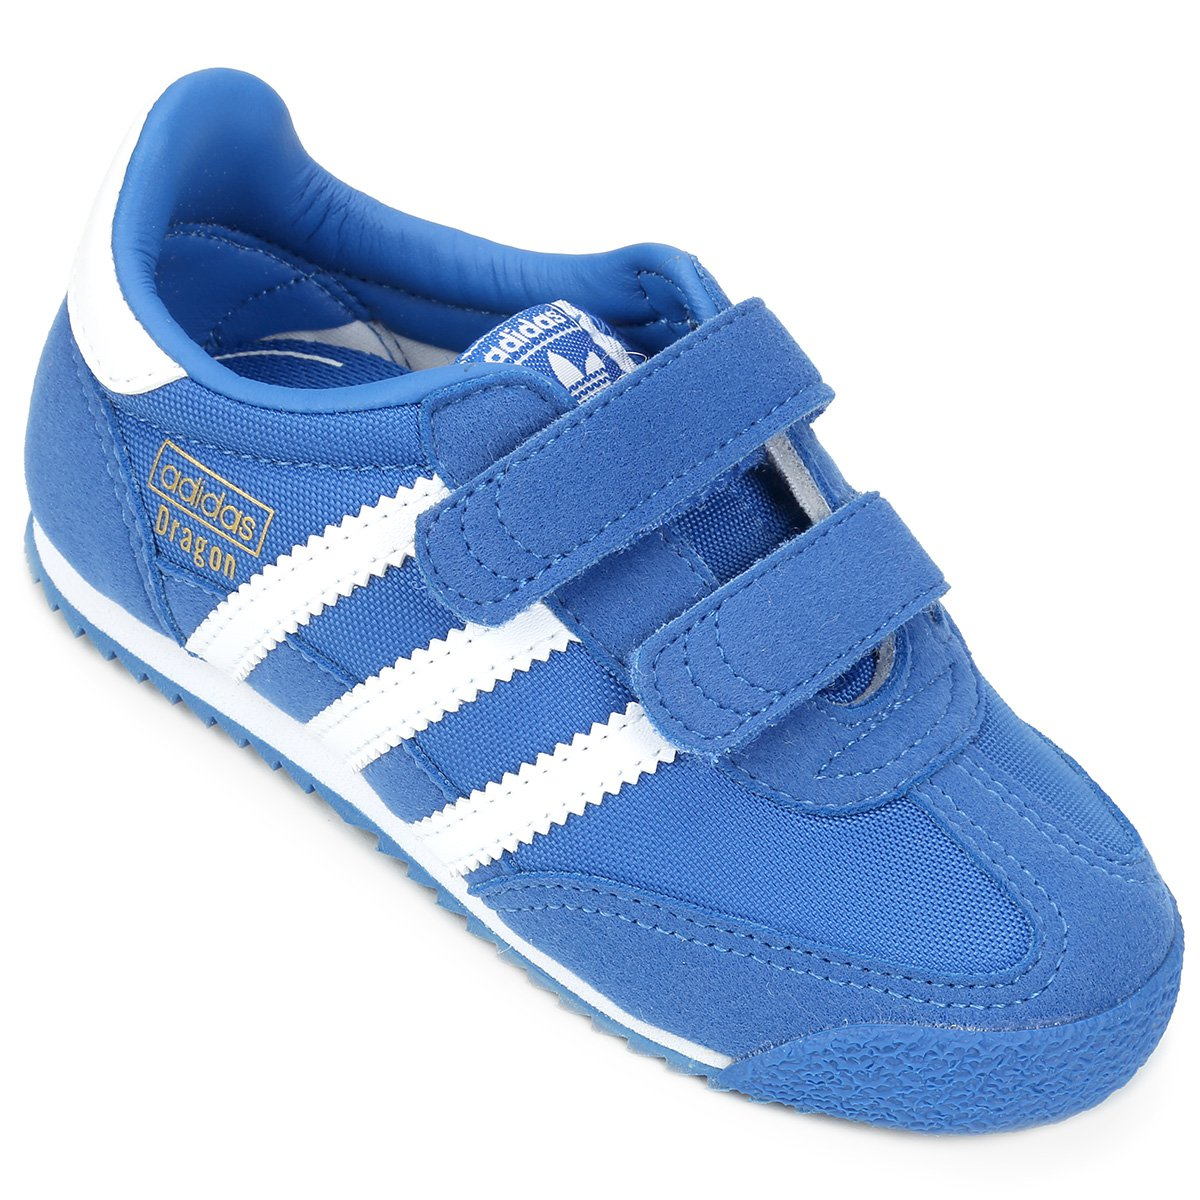 2537d6ef93e Tênis Adidas Dragon Og Cf Infantil - Compre Agora